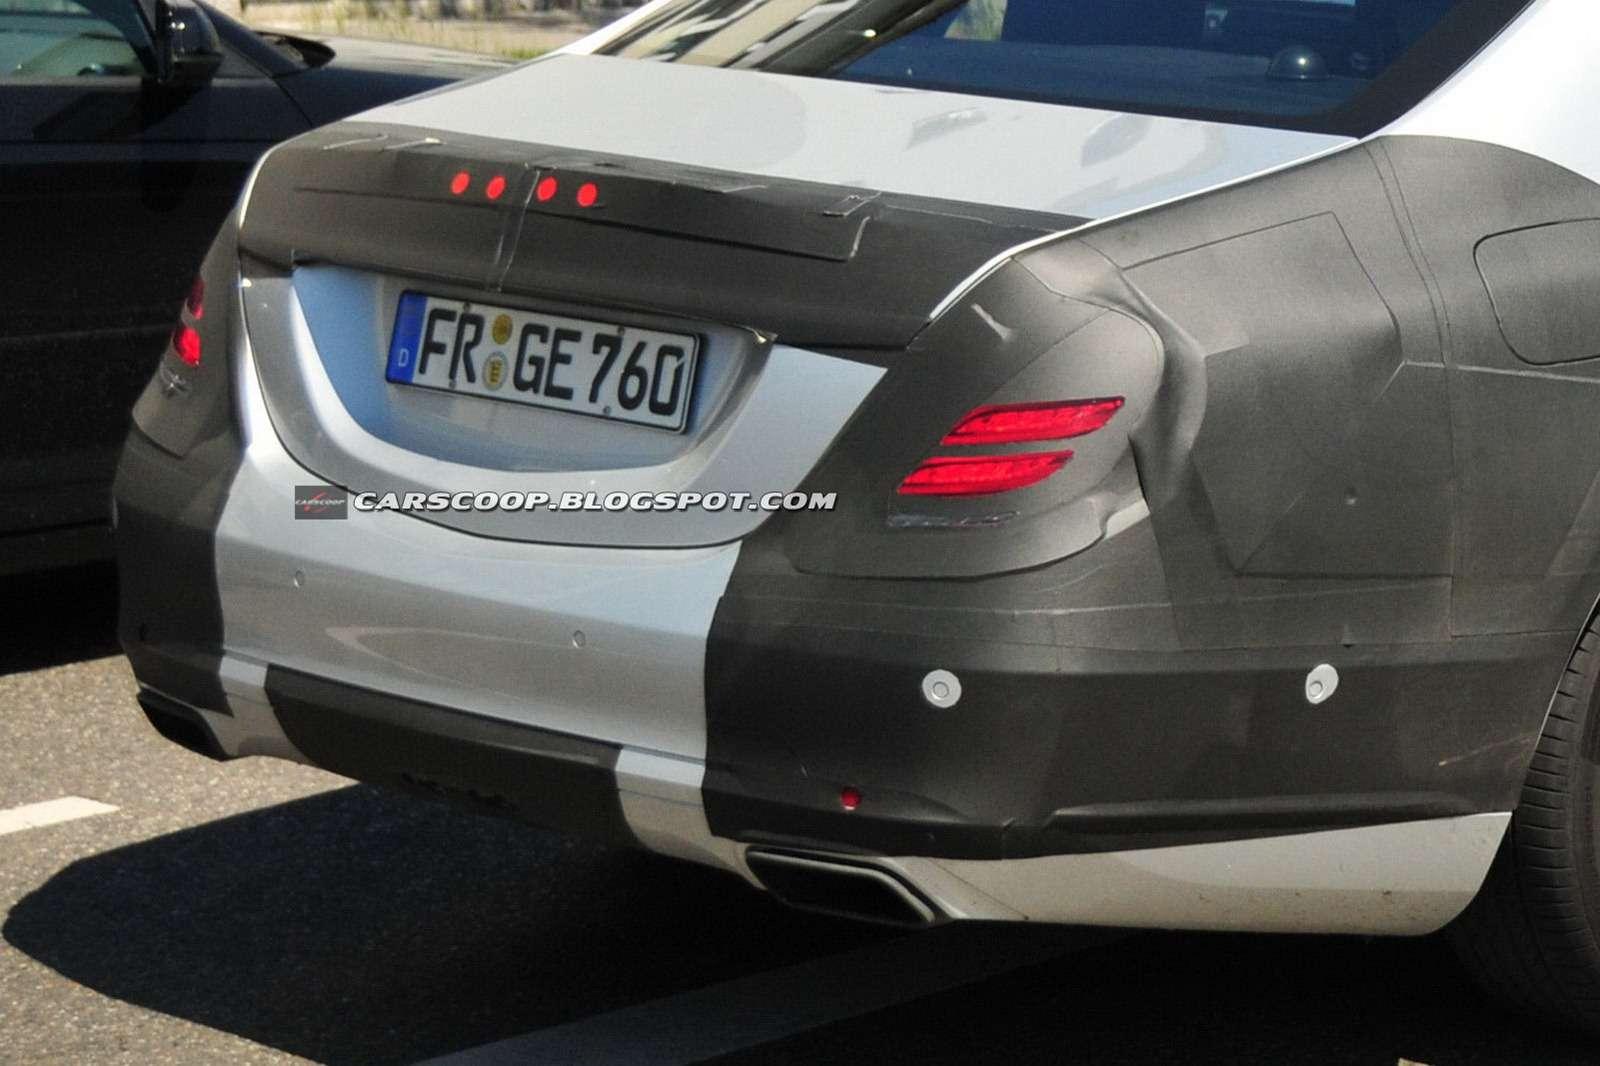 Mercedes-Benz klasy S 2014 wnętrze szpiegowskie